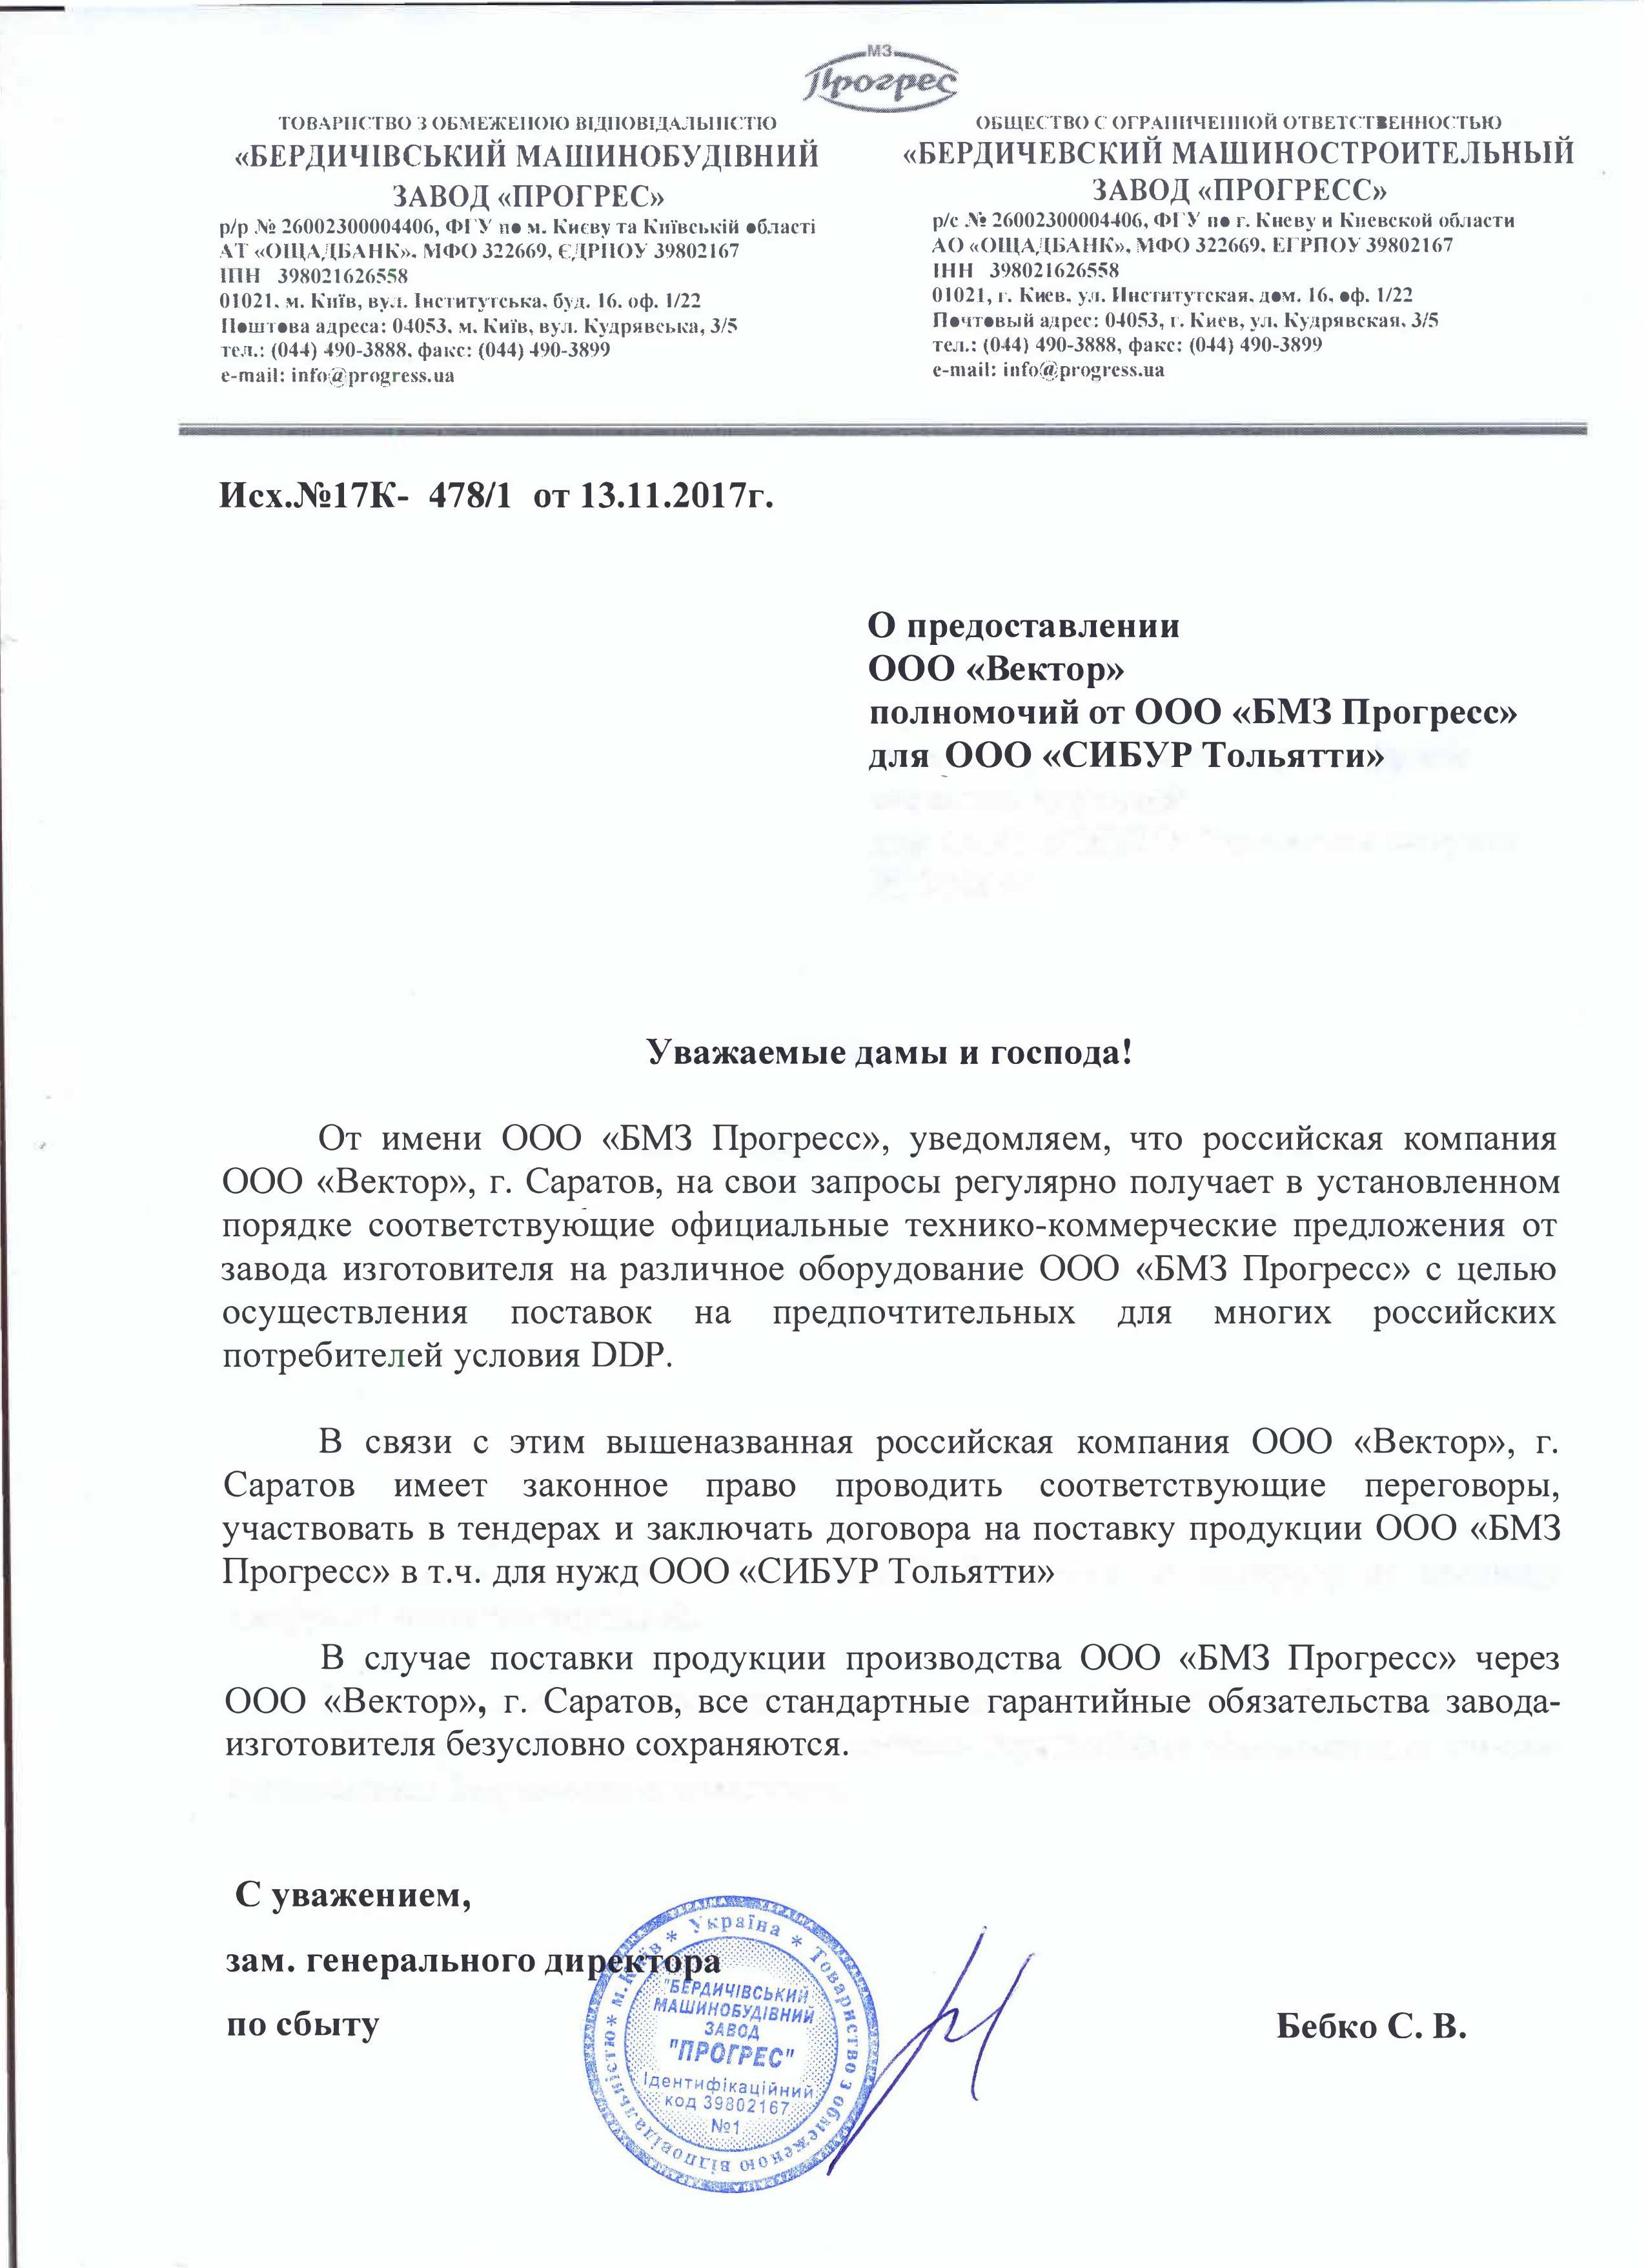 О предоставлении ООО Вектор полномочий от БМЗ Прогресс_001